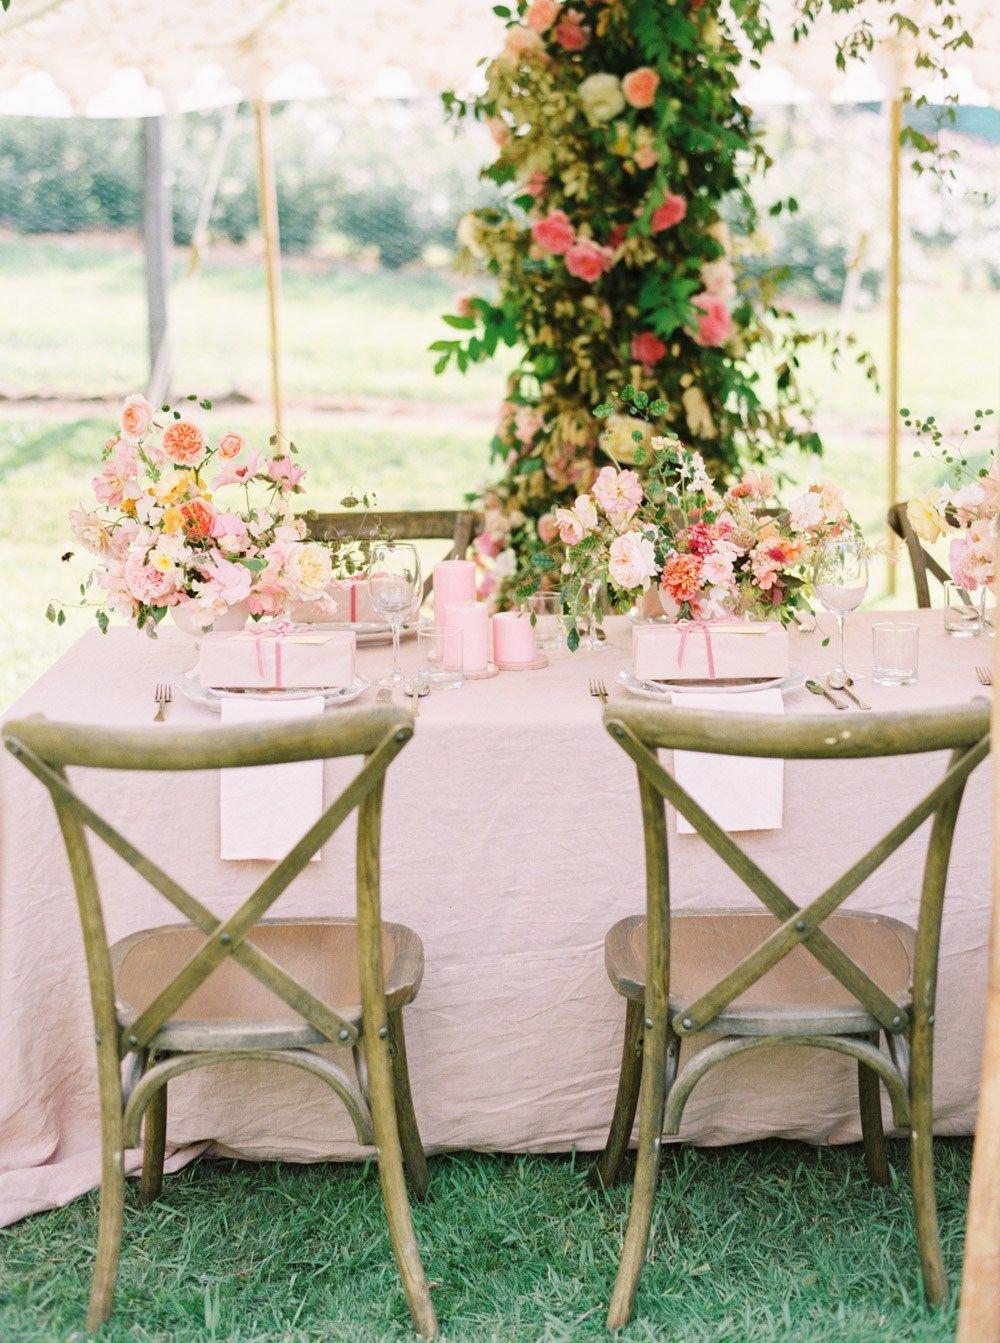 Garden Installation for an outdoor Wedding reception in a ...